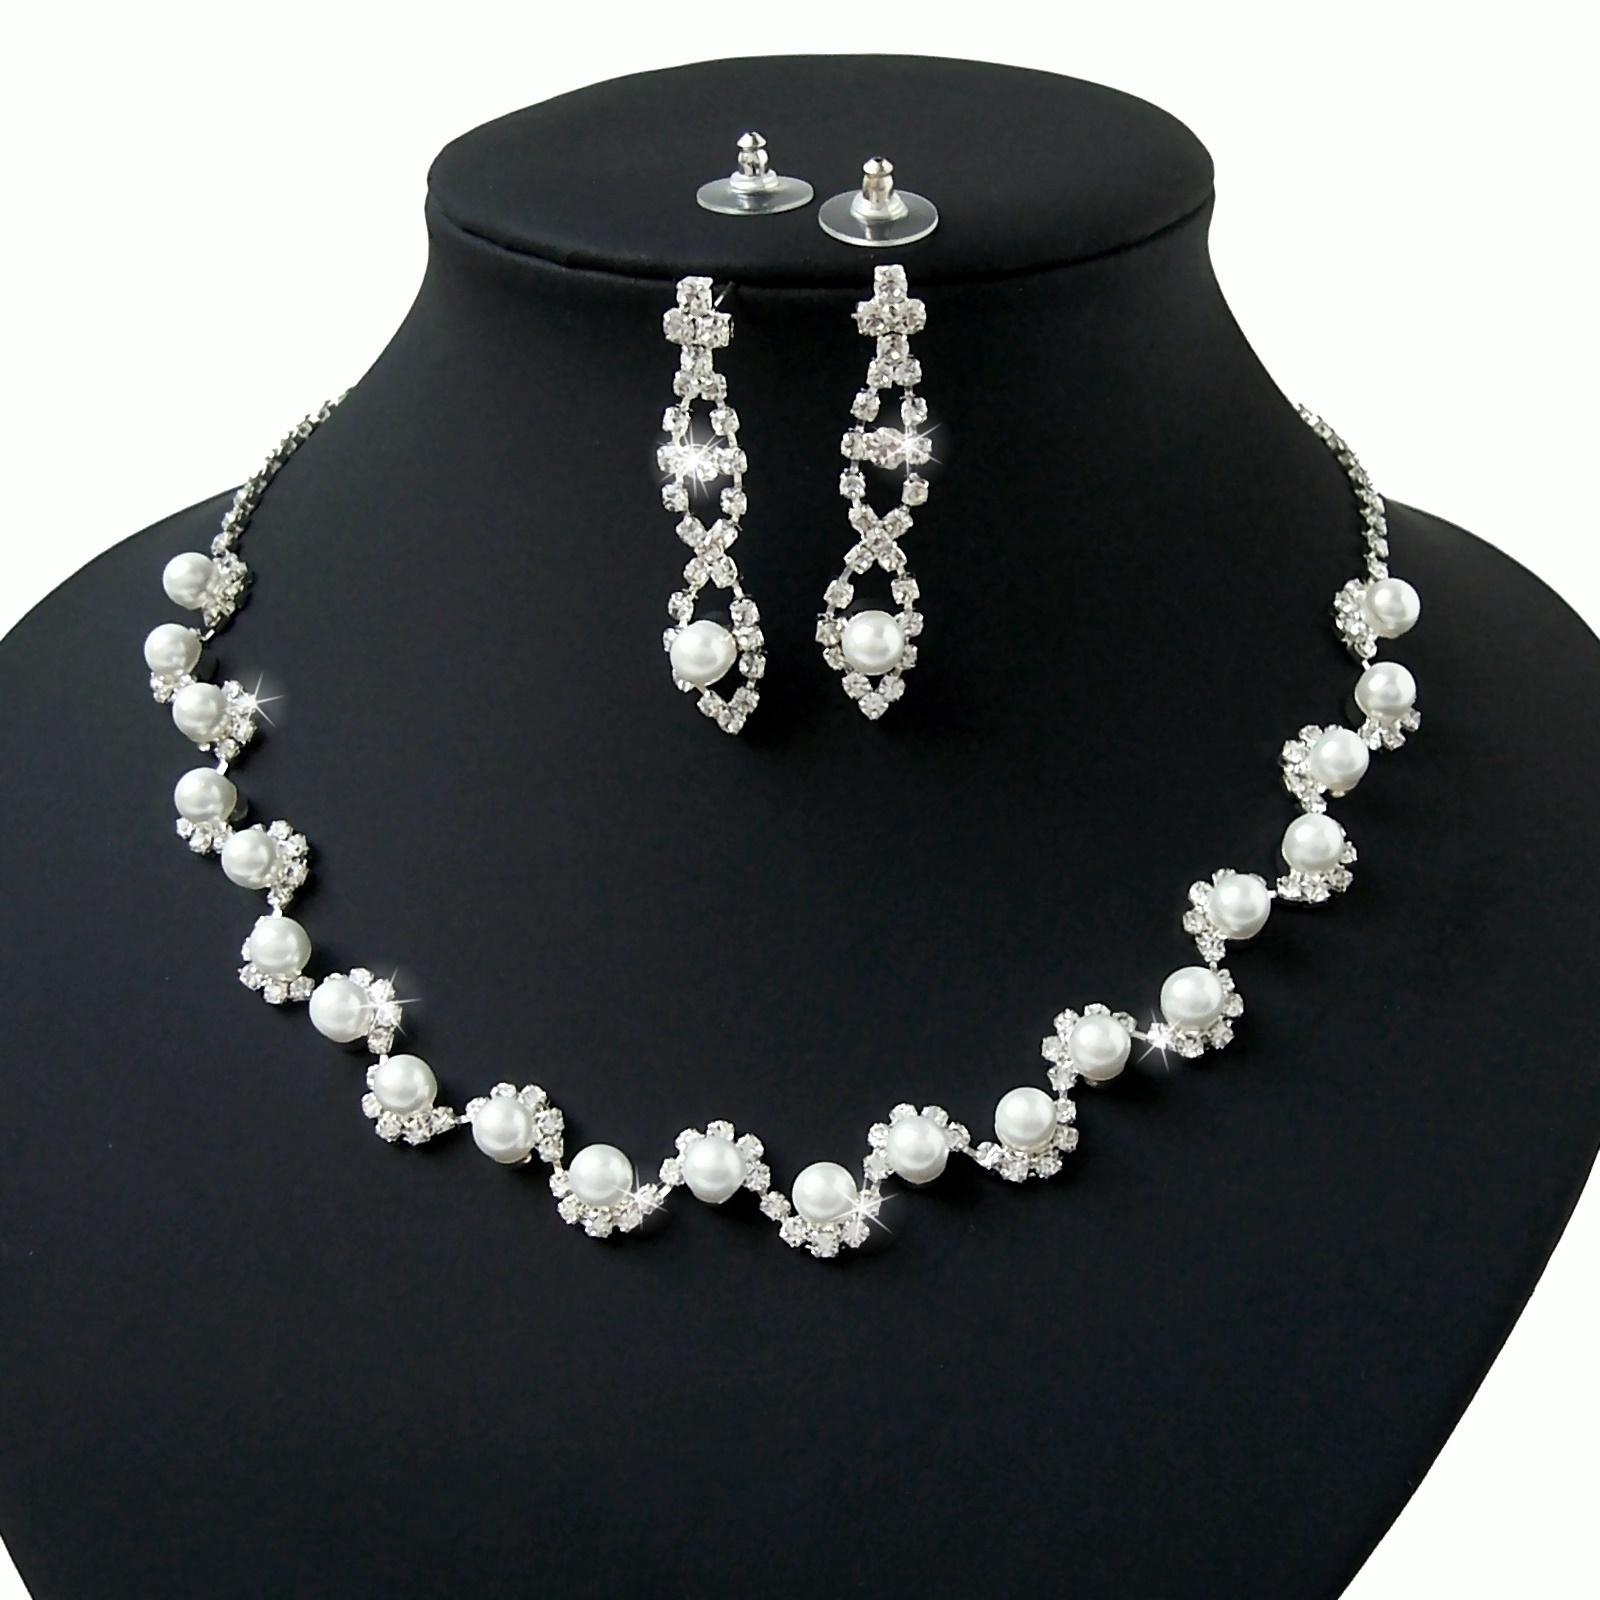 Collier Kette 41-55 Ohrringe Perlen weiß silber Schmuckset Braut S1002